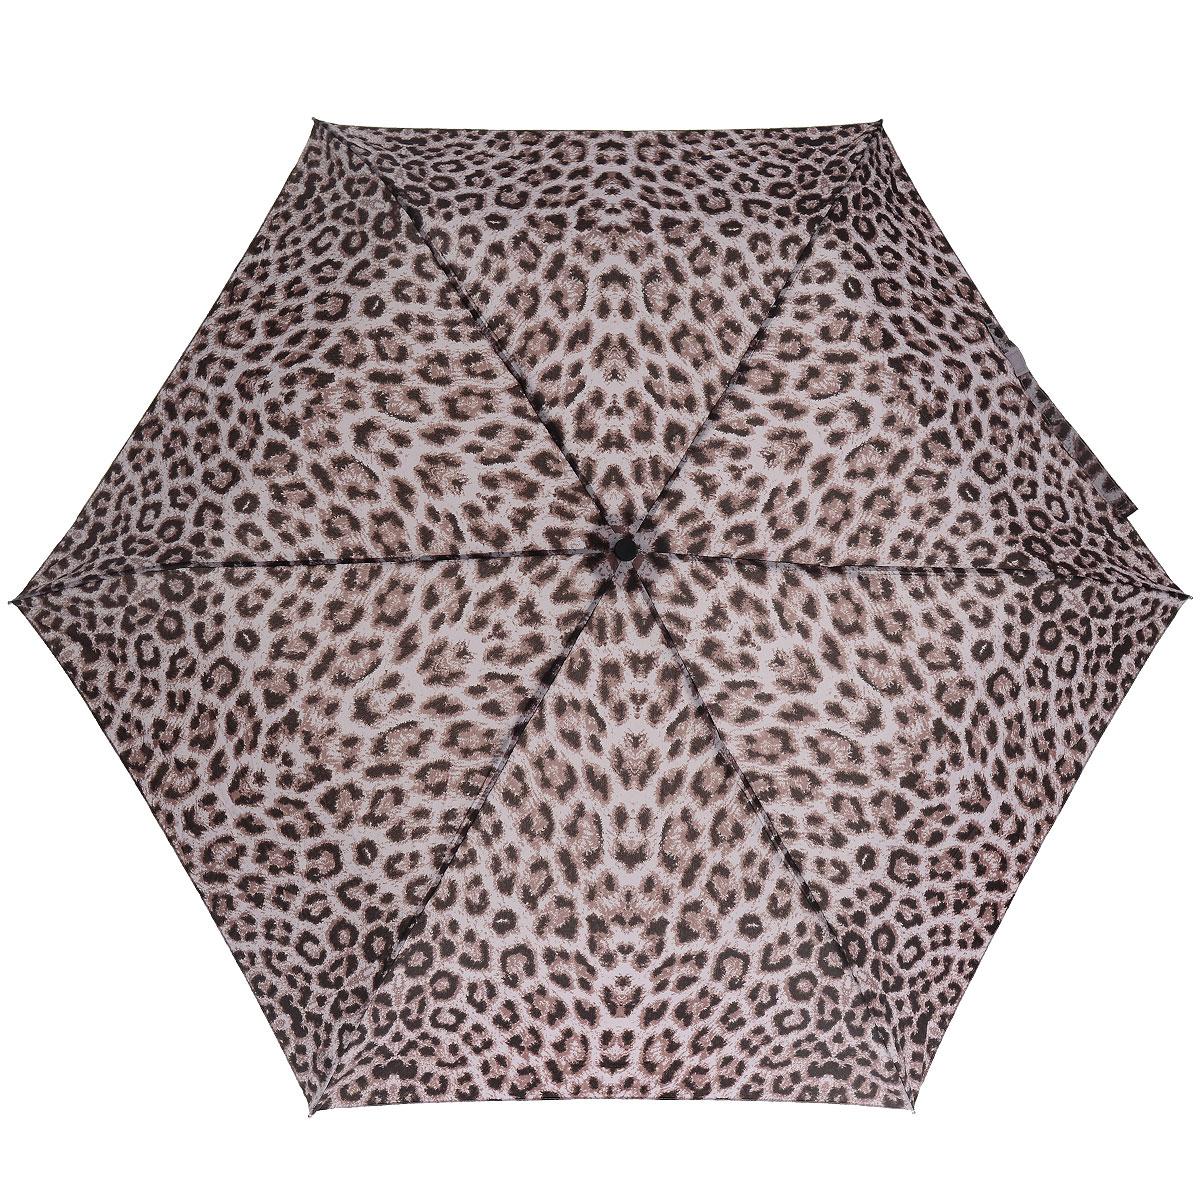 """Зонт женский Fulton Puma Purple, механический, 3 сложения, цвет: темно-розовыйП300020005-20Стильный зонт Fulton """"Puma Purple"""" защитит от непогоды, а его компактный размер позволит вам всегда носить его с собой. """"Ветростойкий"""" алюминиевый каркас в 3 сложения состоит из шести спиц с элементами из фибергласса, зонт оснащен удобной рукояткой из пластика. Купол зонта выполнен из прочного полиэстера и оформлен леопардовым принтом. На рукоятке для удобства есть небольшой шнурок-резинка, позволяющий надеть зонт на руку тогда, когда это будет необходимо. К зонту прилагается чехол на липучке.Зонт механического сложения: купол открывается и закрывается вручную, стержень также складывается вручную до характерного щелчка. Характеристики: Материал: алюминий, фибергласс, пластик, полиэстер. Цвет: темно-розовый. Диаметр купола: 86 см. Длина зонта в сложенном виде: 22 см. Длина ручки (стержня) в раскрытом виде:51 см.Вес: 138 г.Диаметр зонта (в сложенном виде): 3 см.Артикул:L553 3F2626."""